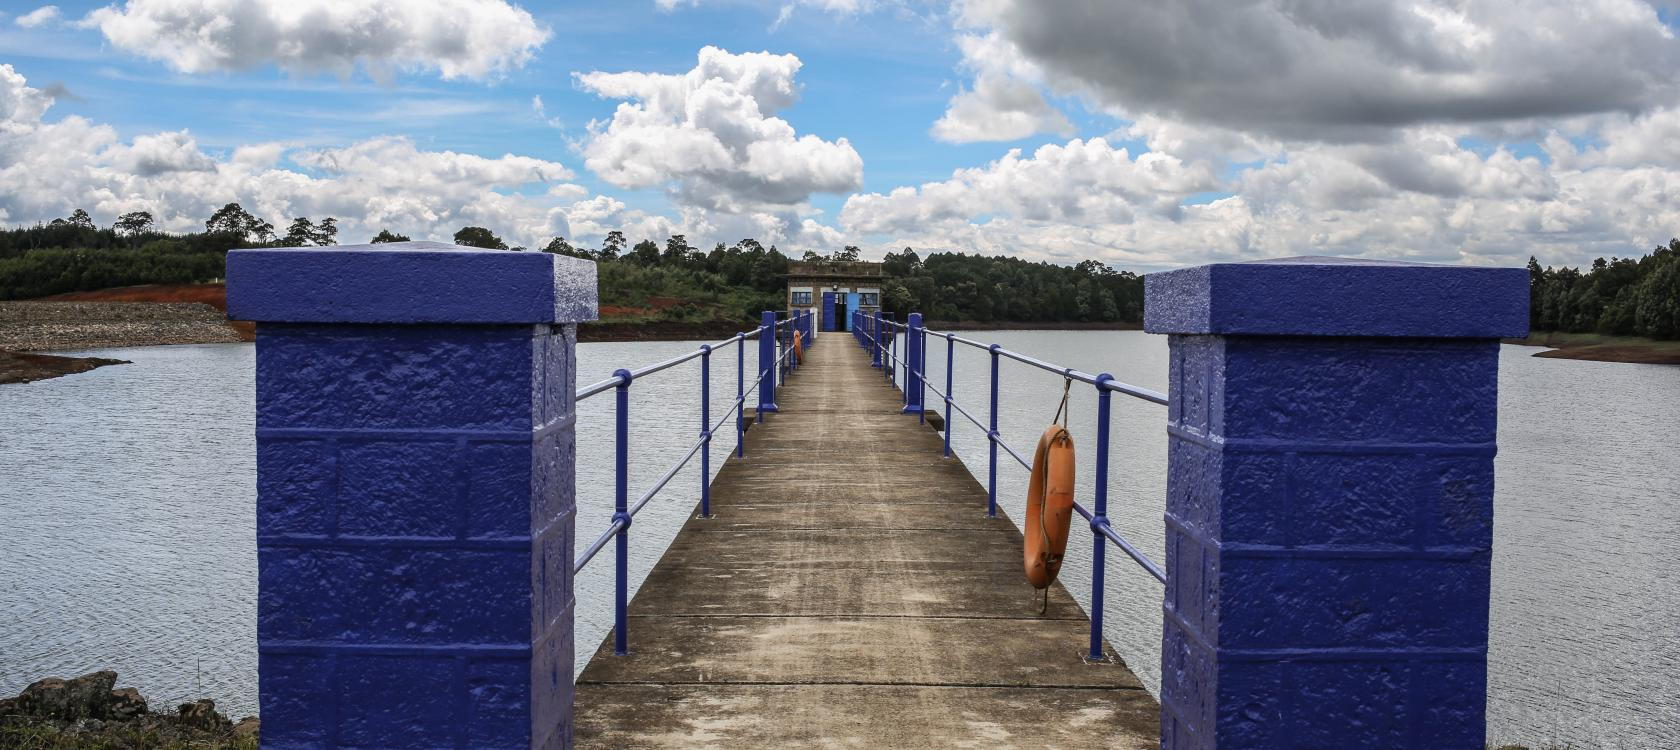 Réhabilitation du barrage de Sasumua au Kenya